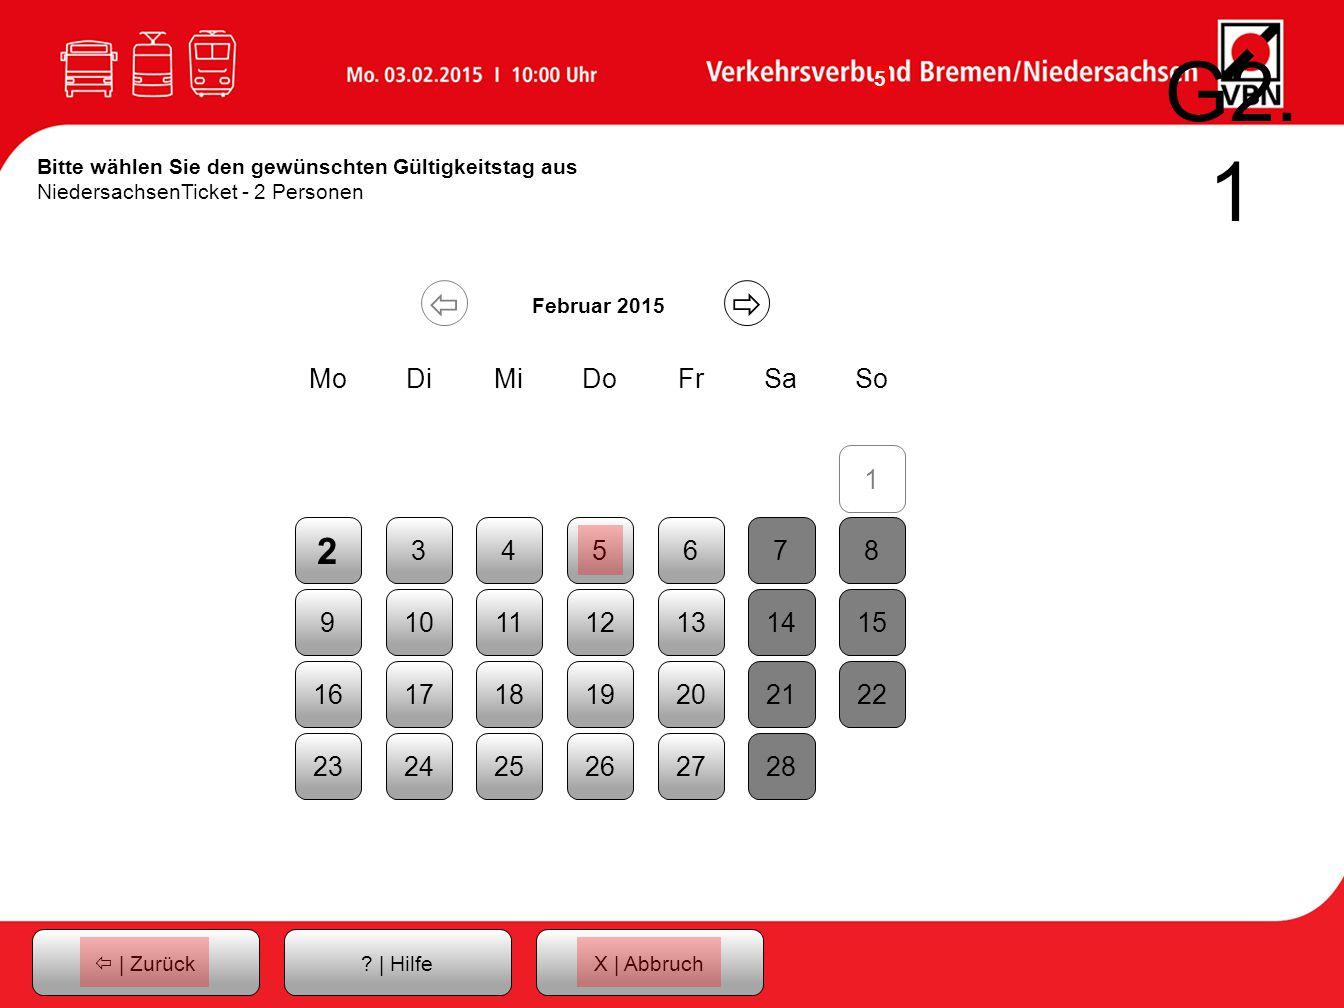 G2.1 Bitte wählen Sie den gewünschten Gültigkeitstag aus NiedersachsenTicket - 2 Personen.   Februar 2015.